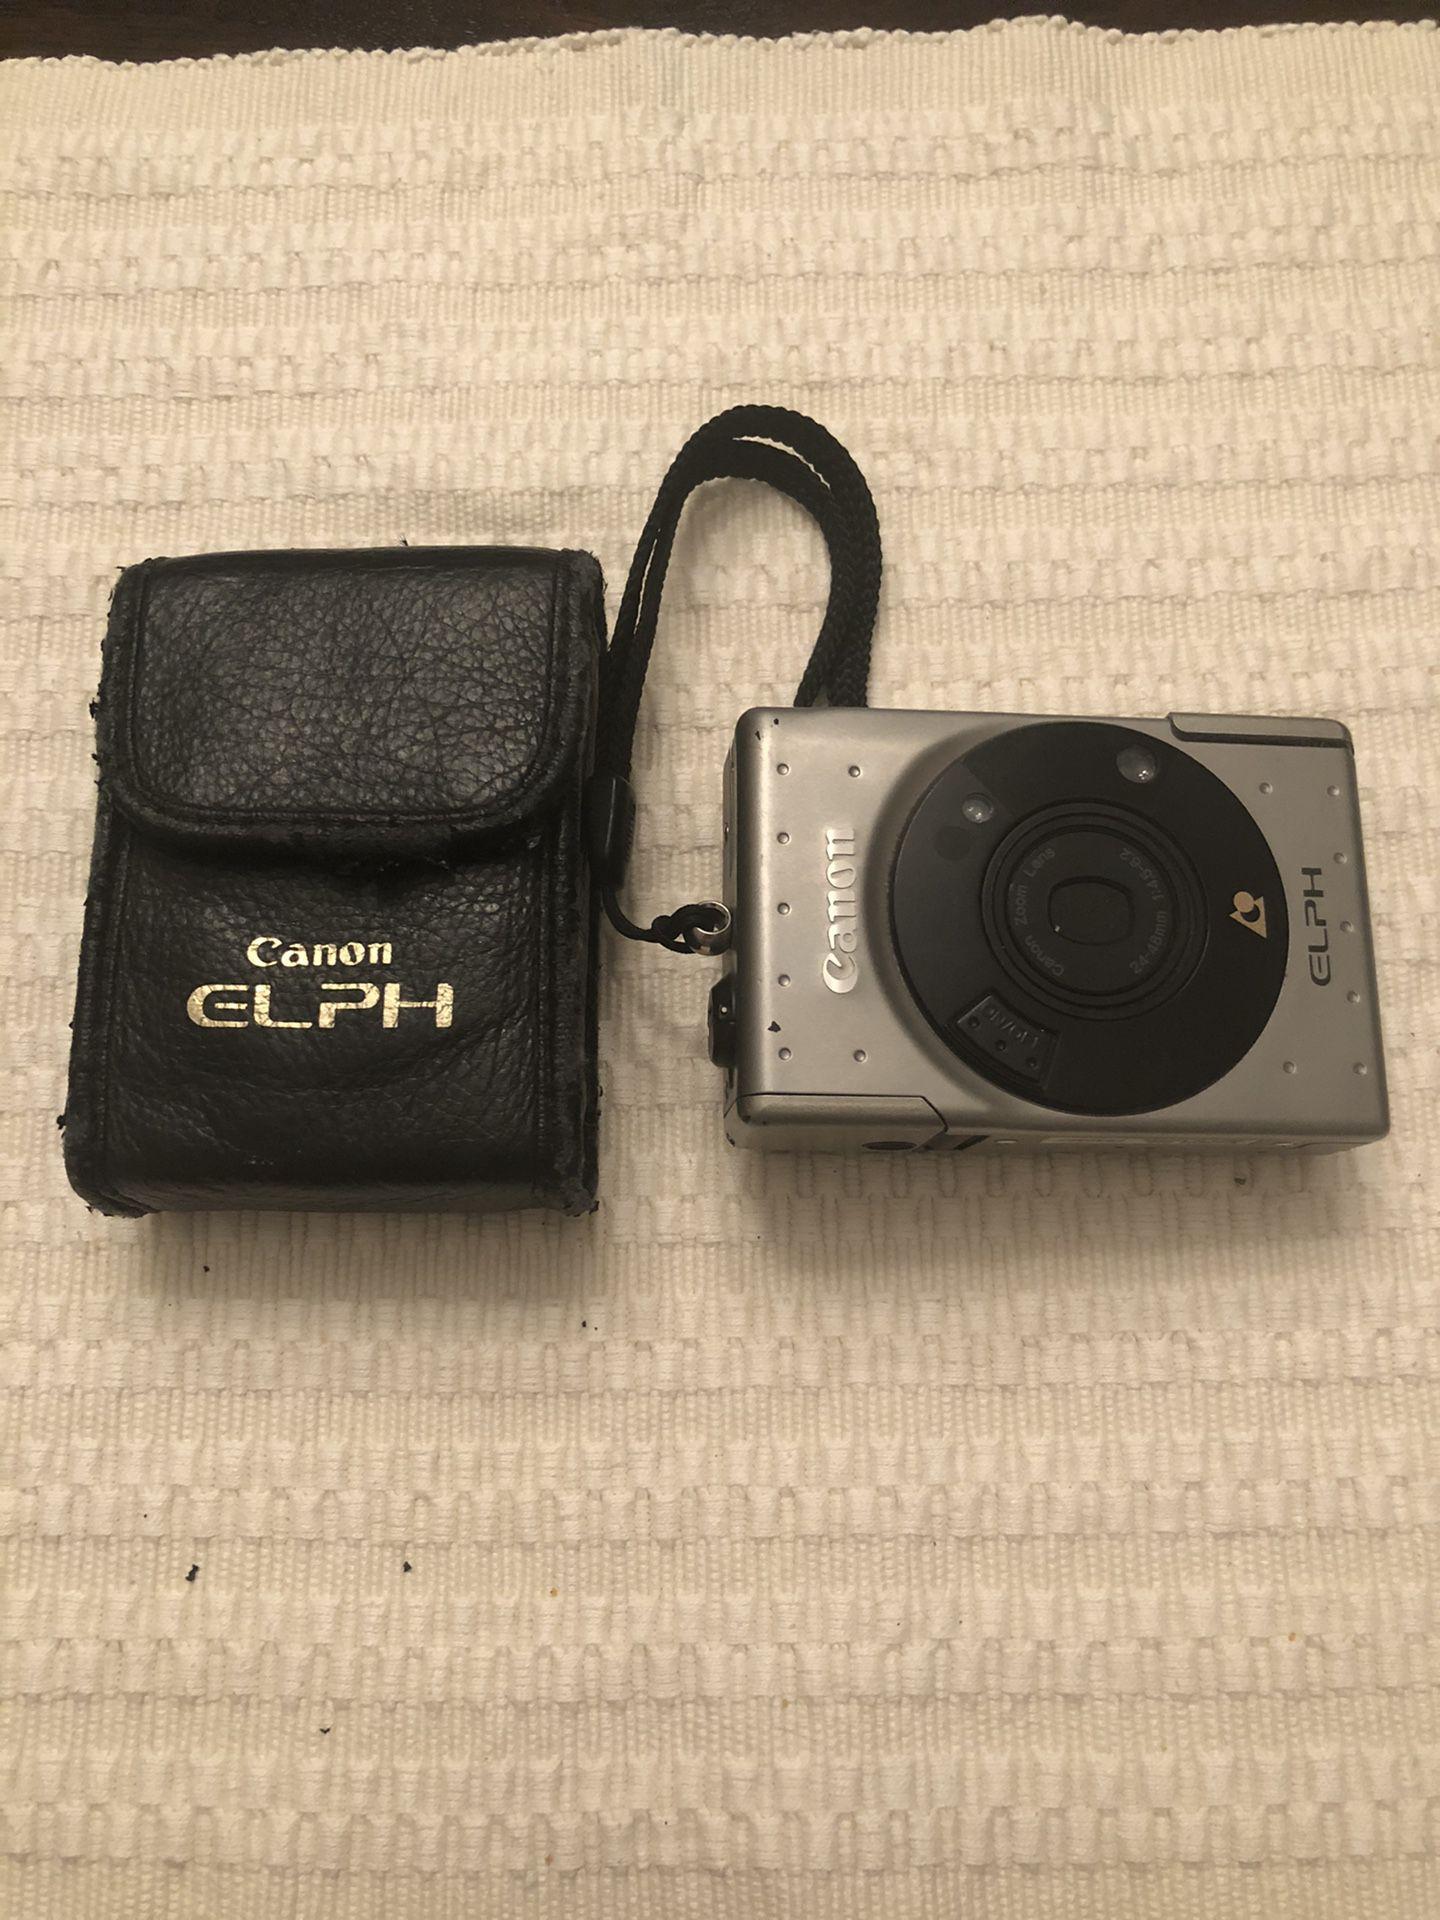 Canon elph camera aps